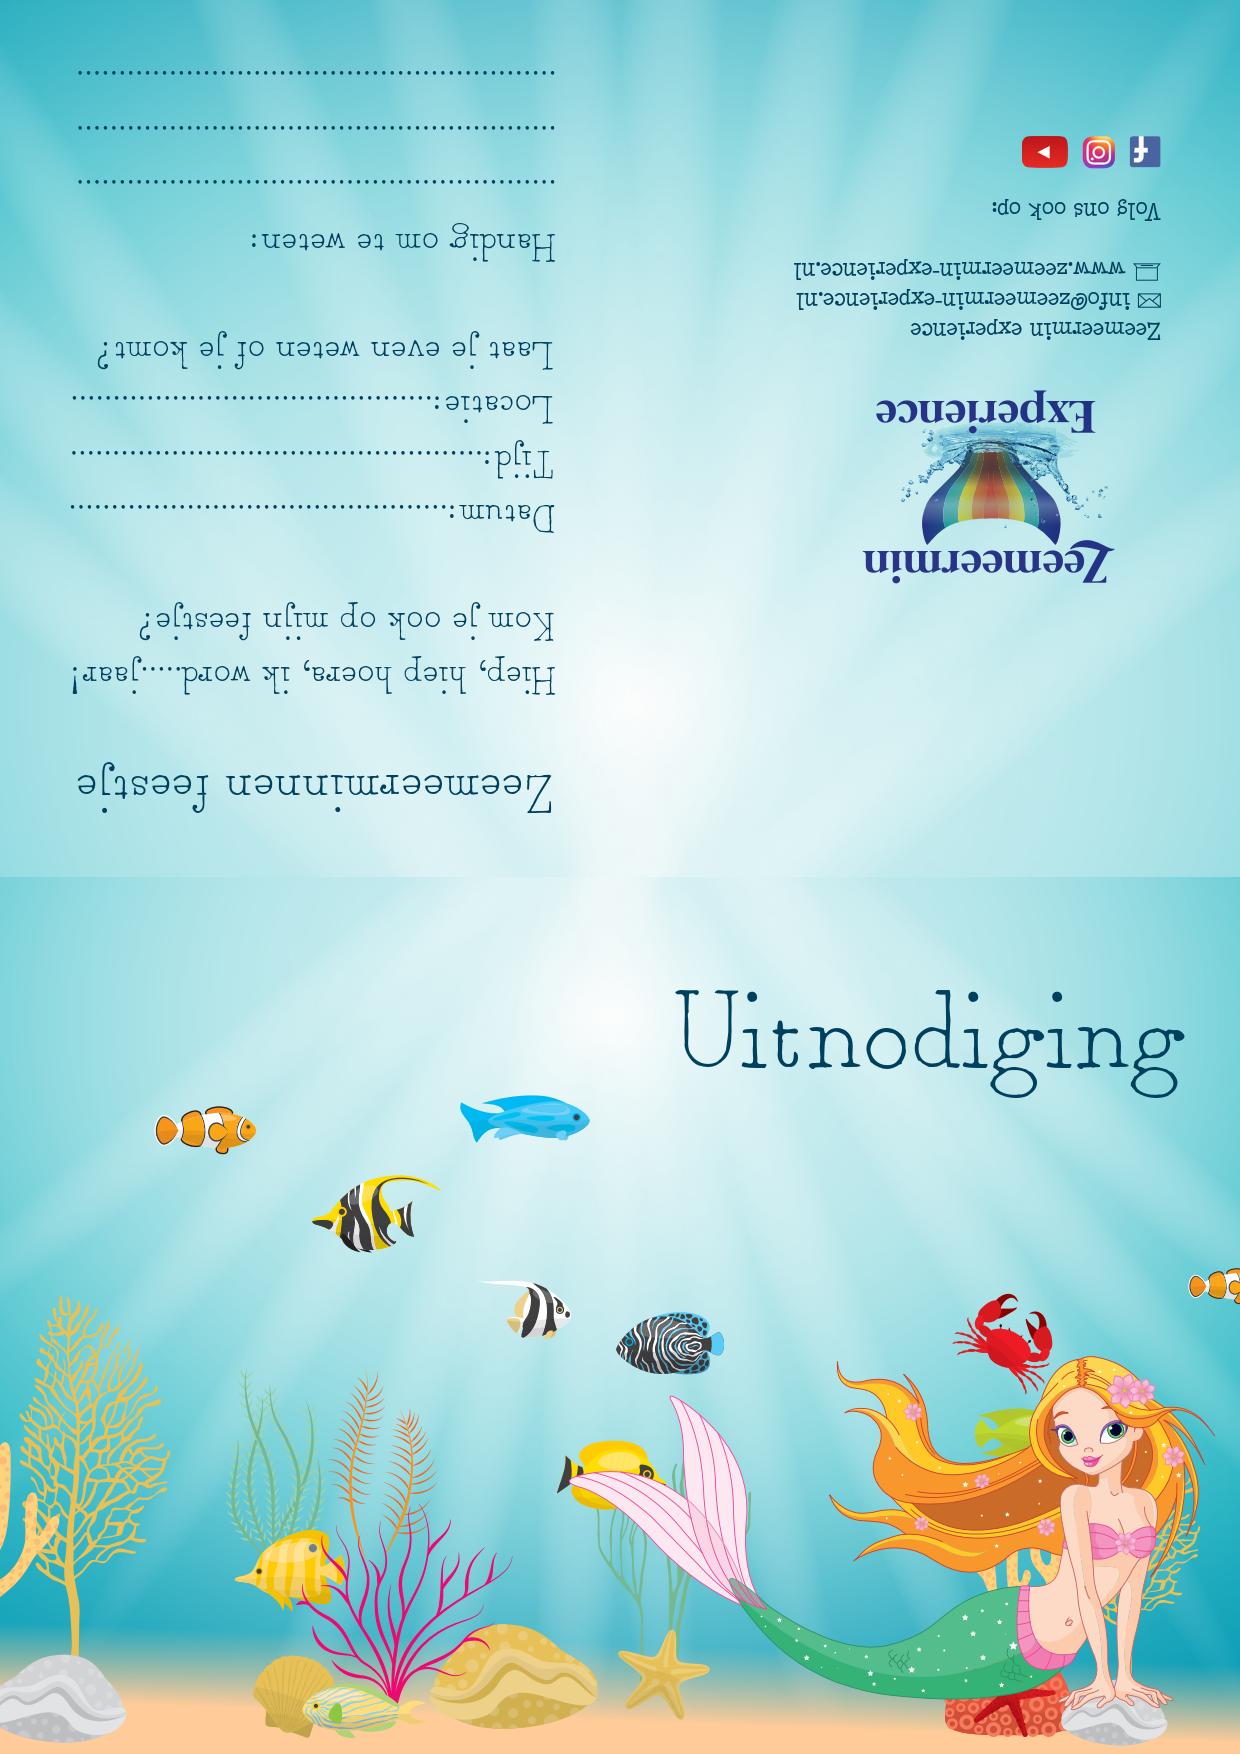 Uitnodiging zeemeerminfeest